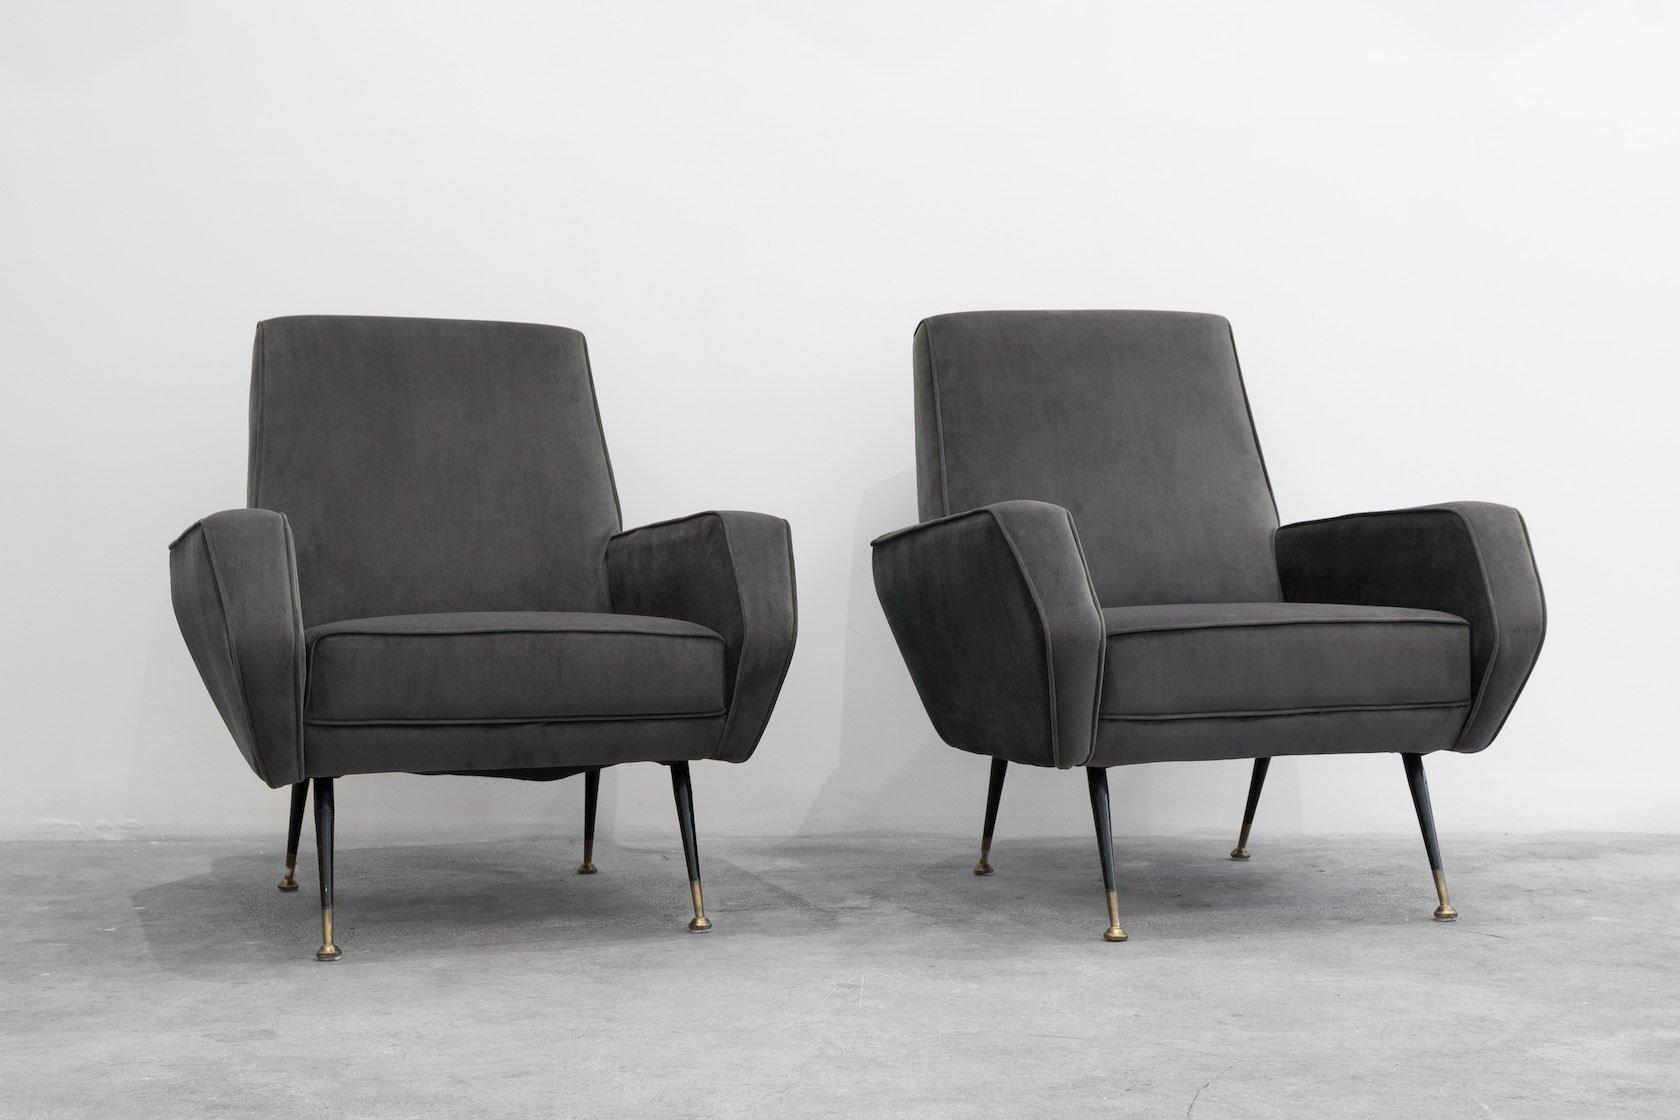 Italienische sessel in grauem samt 1960er 2er set bei for Italienische sessel design